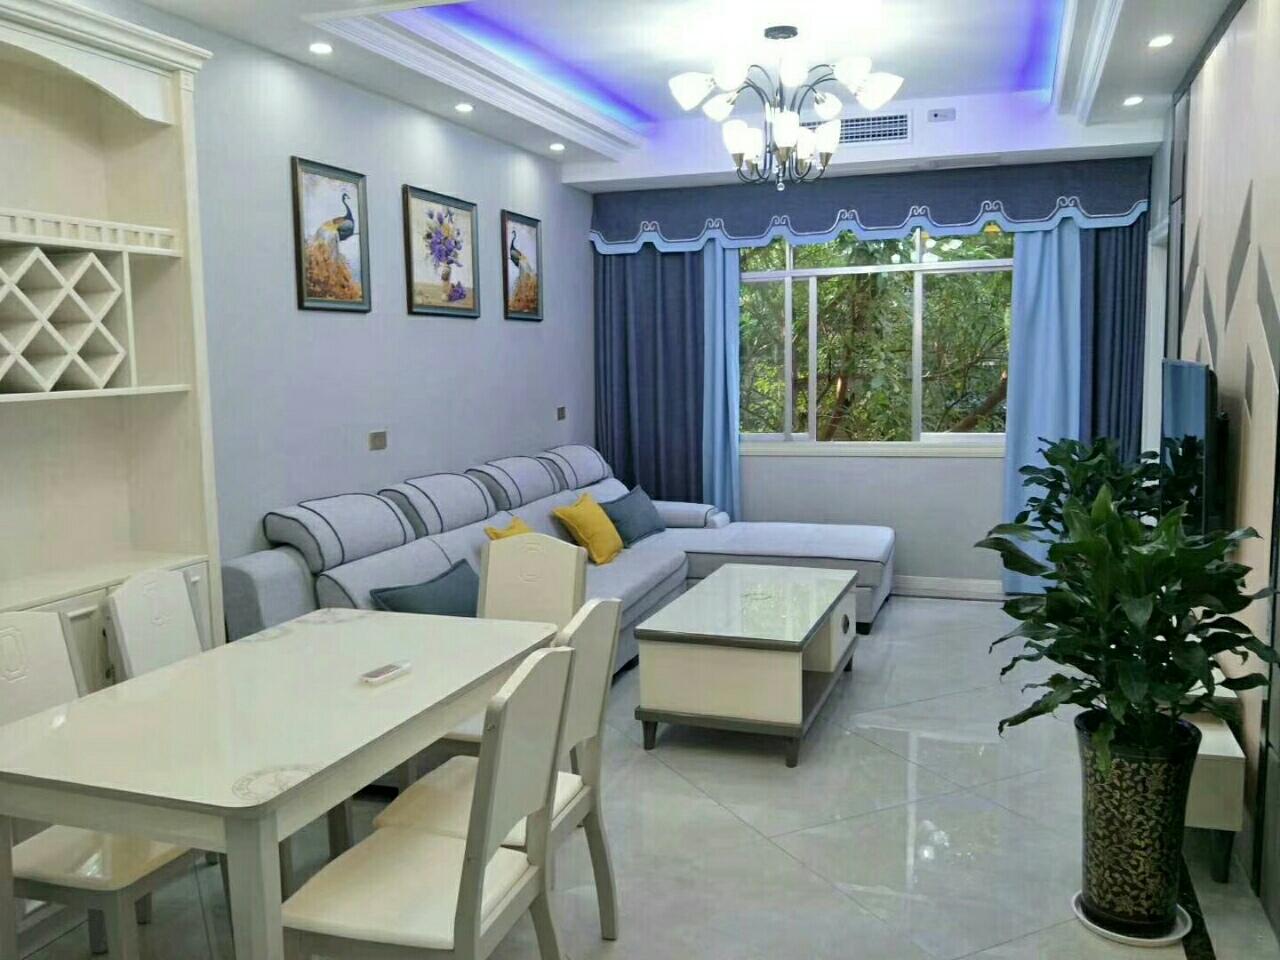 玉龙,6校学区房出售,精装修3室 2厅 2卫63万元